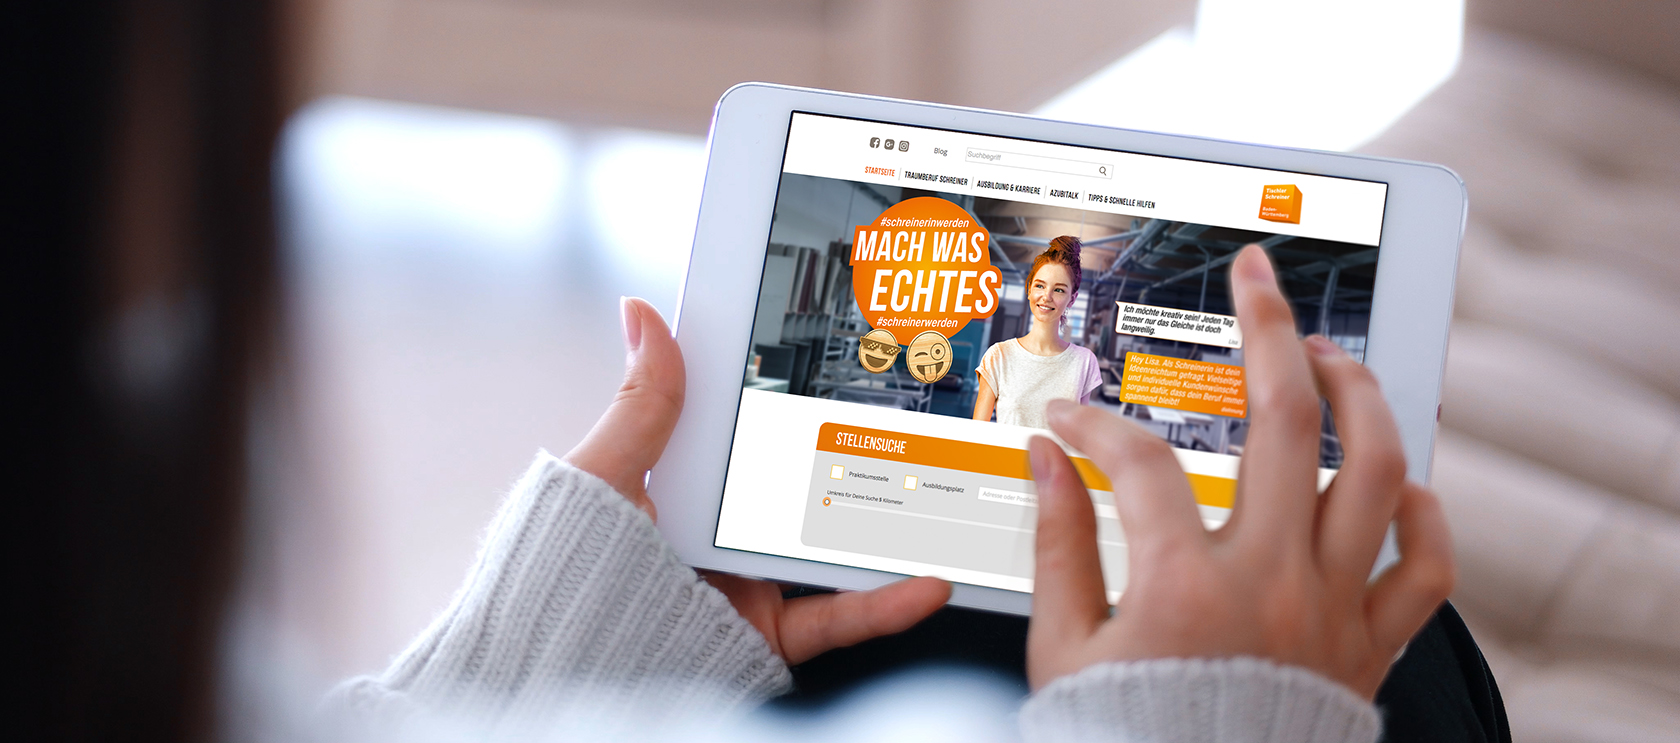 Landesfachverband Schreinerhandwerk – Landingpage auf Tablet